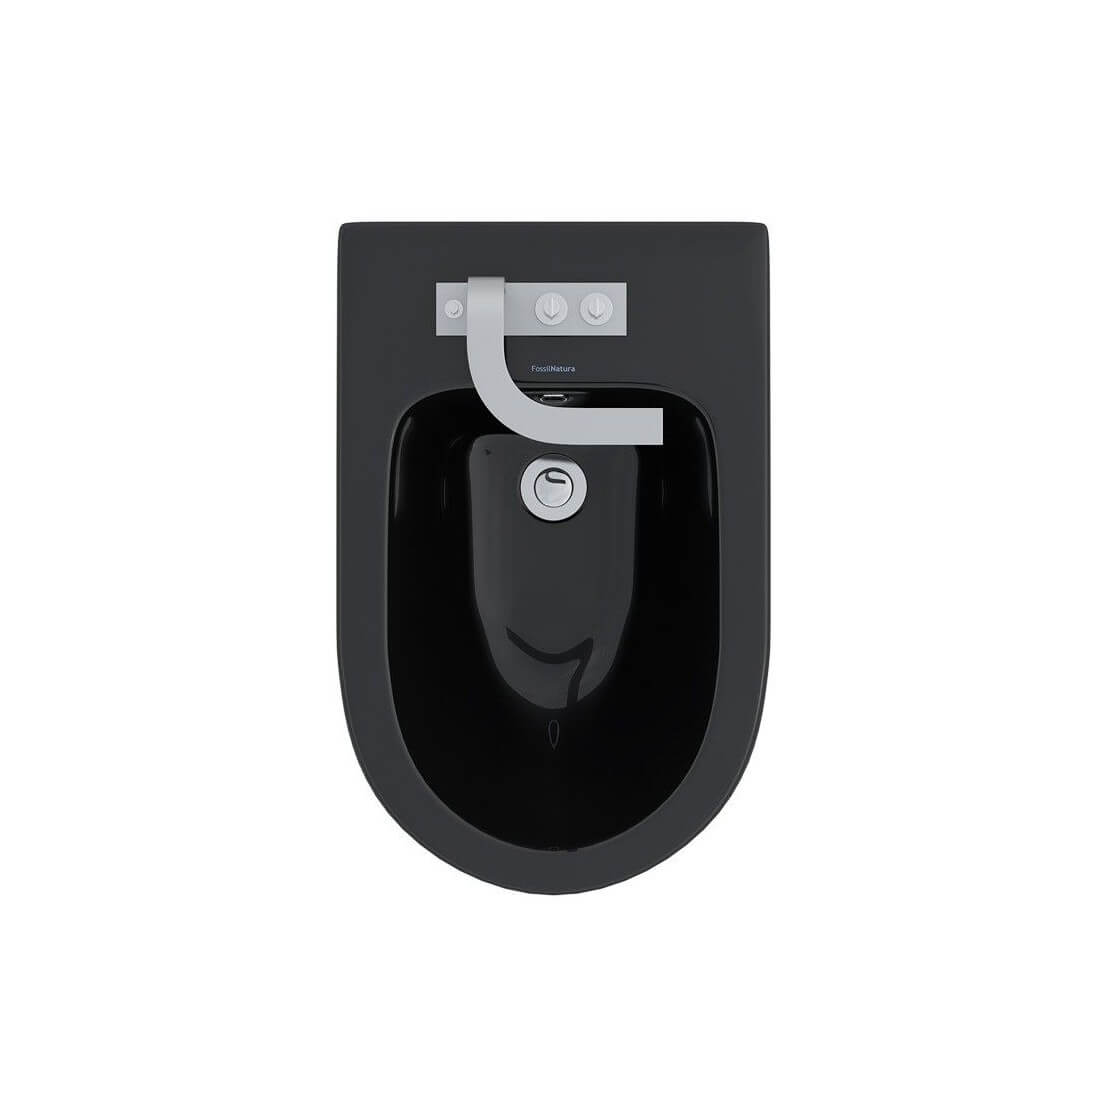 ▷ Comprar bidet para baño negro modelo Verona Black al mejor precio